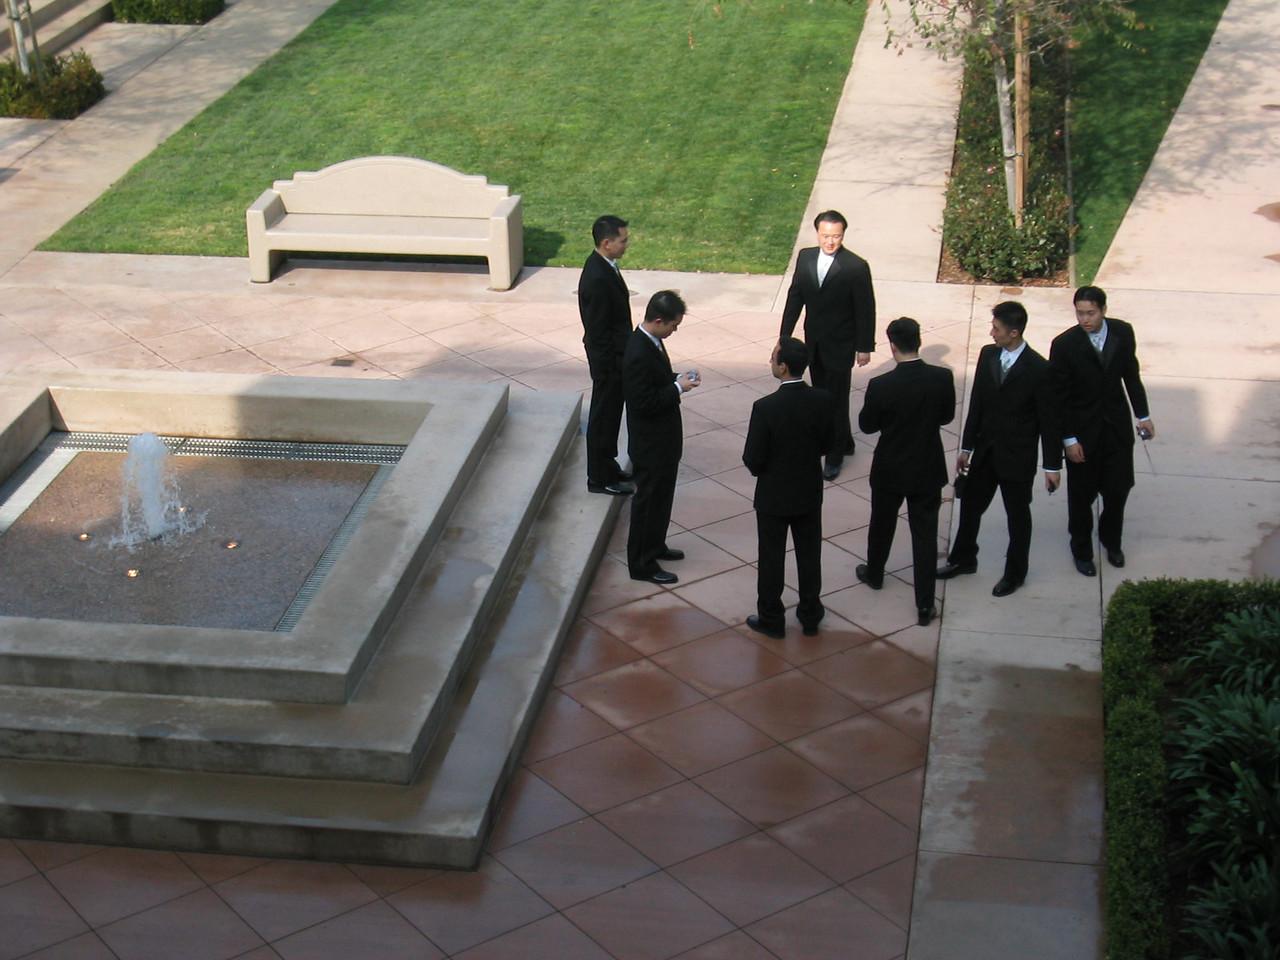 The groom & groom's men - candid